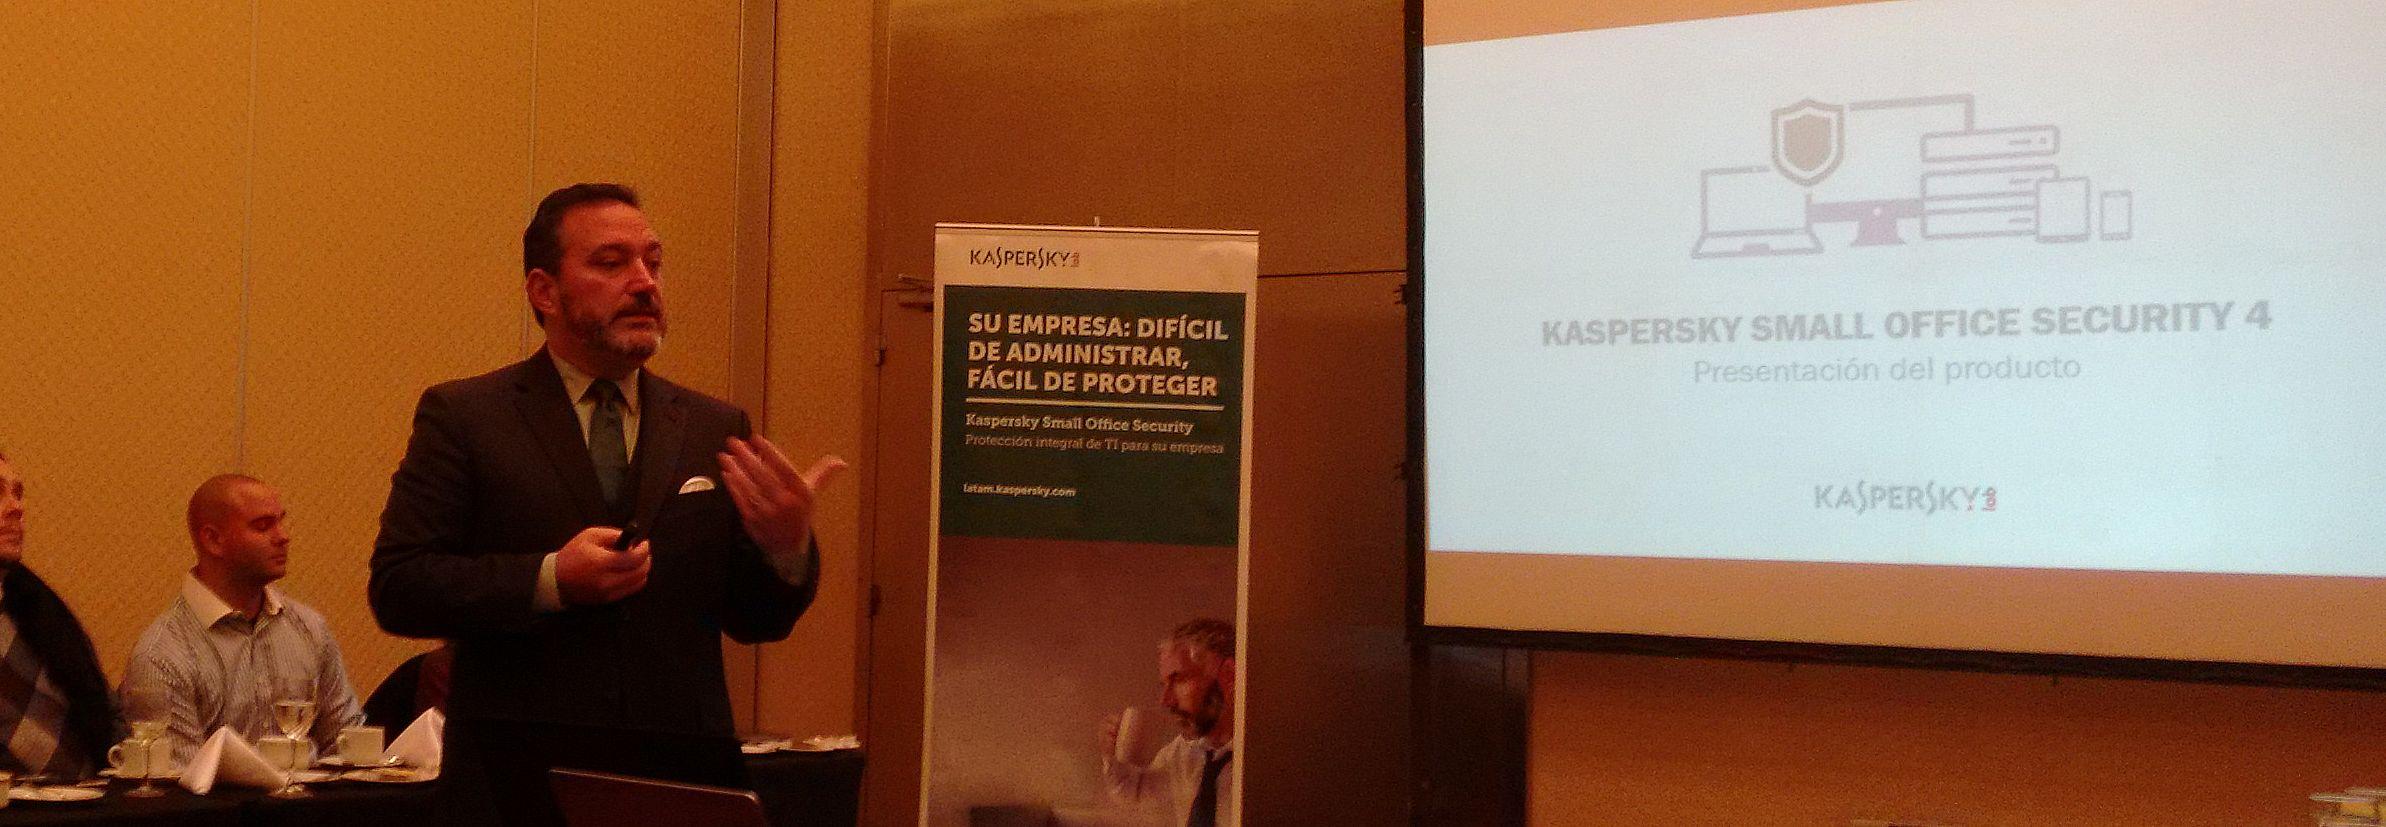 Kaspersky: Más ofertas para las PyMEs